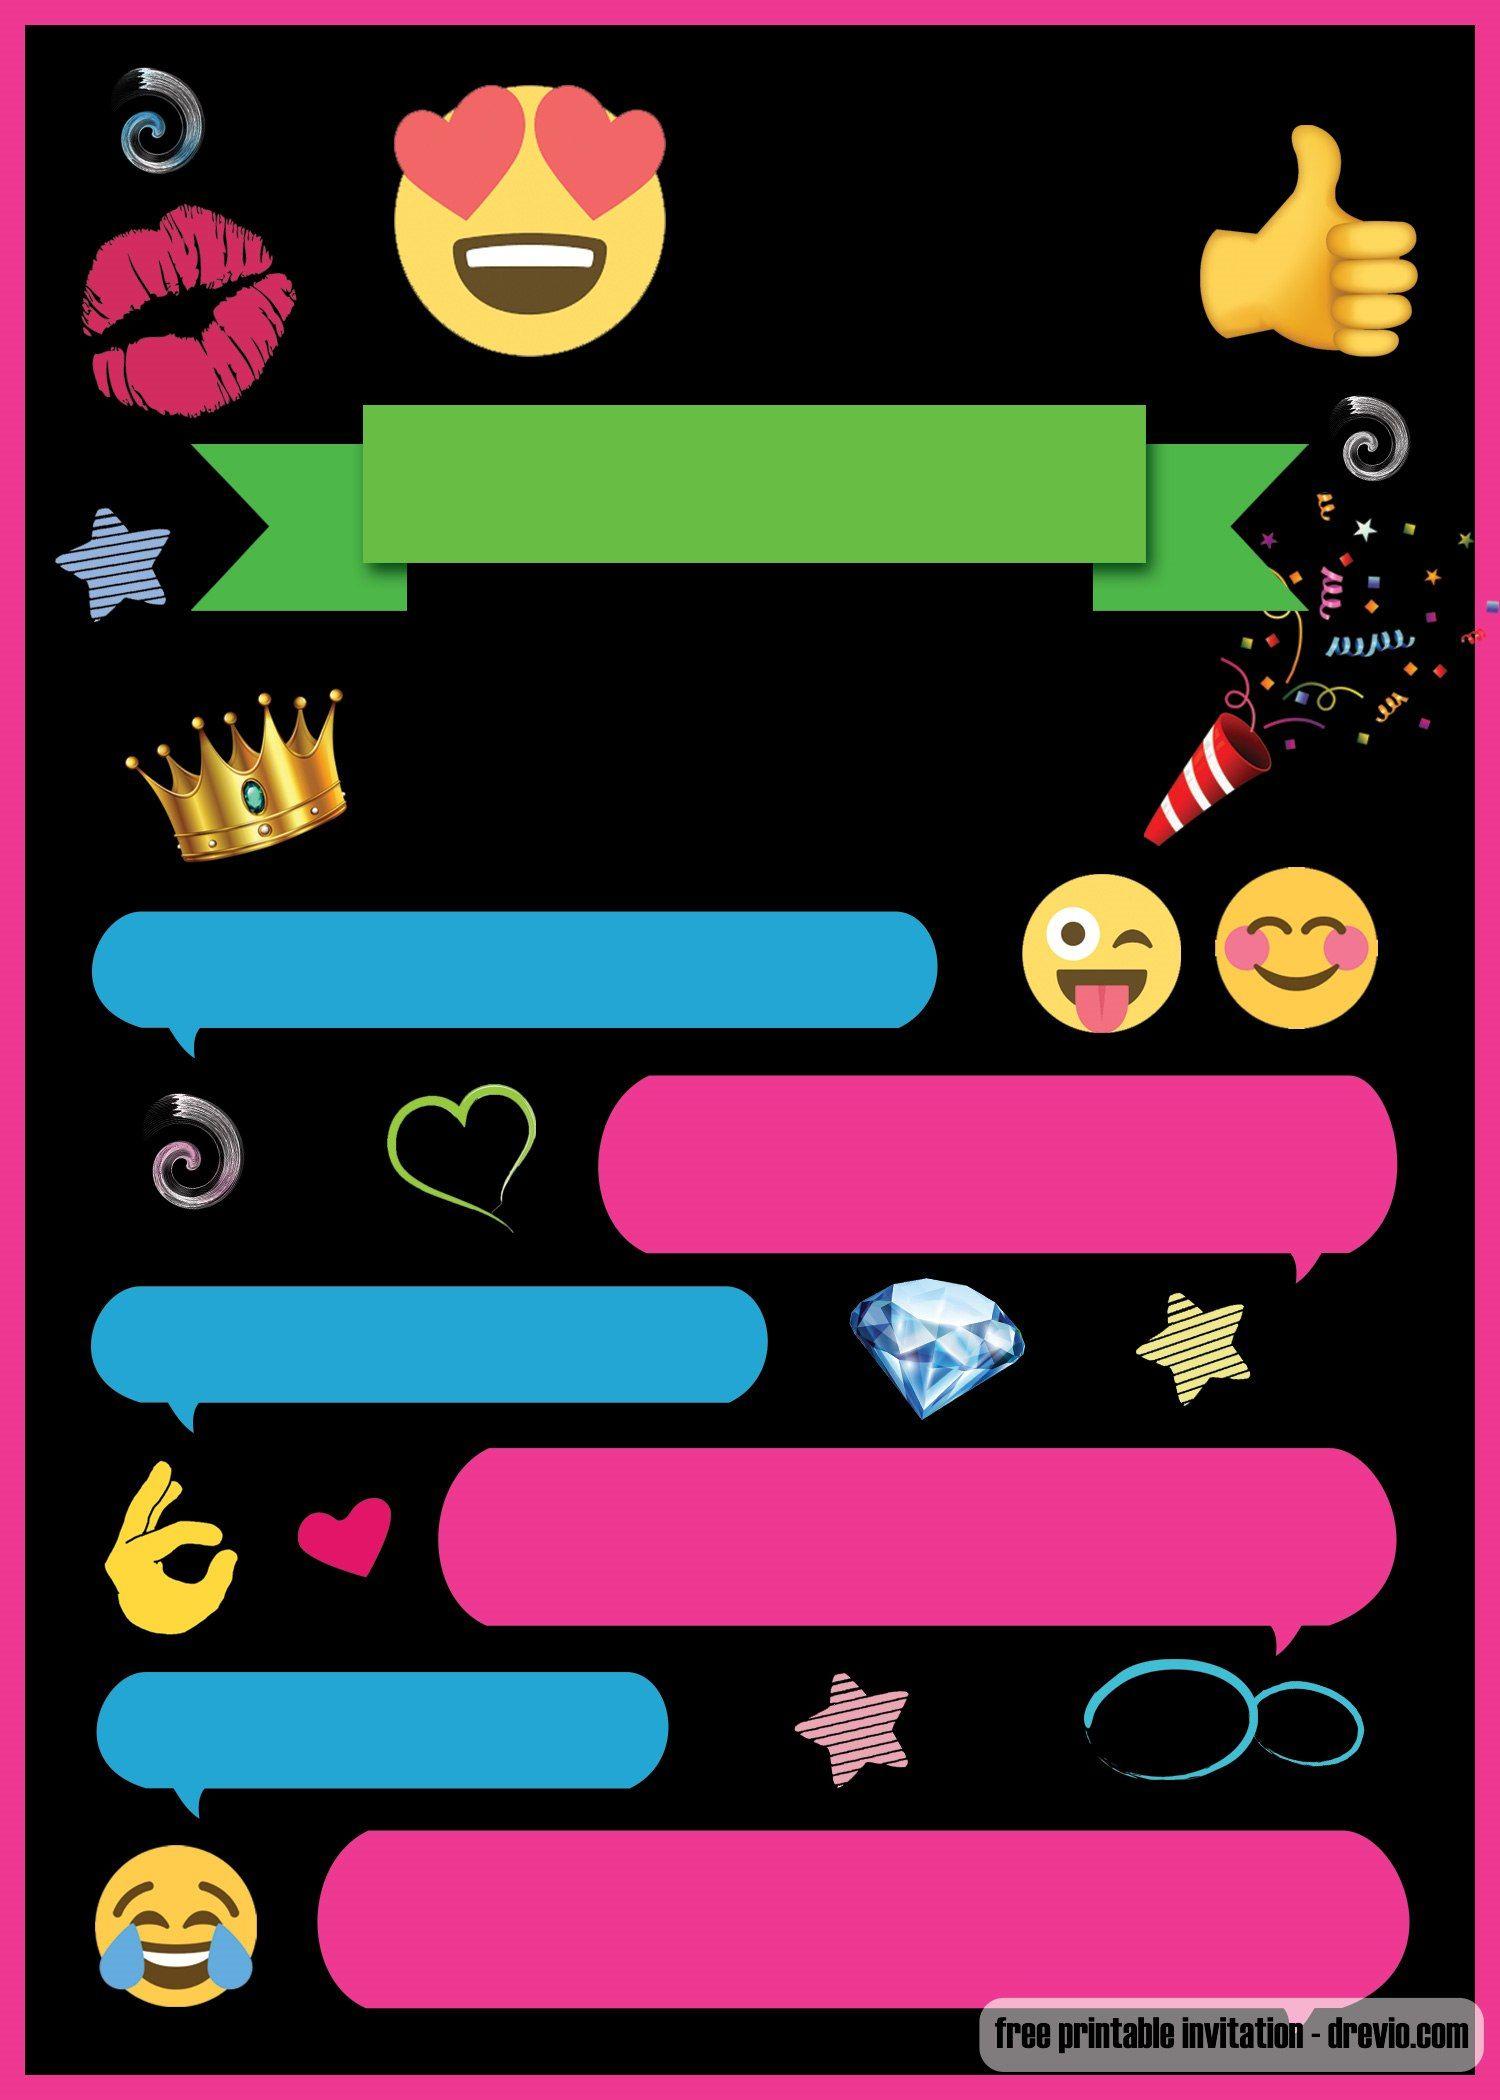 Free Printable Emoji Chat Invitation   Q Party   Pinterest   Free - Emoji Invitations Printable Free